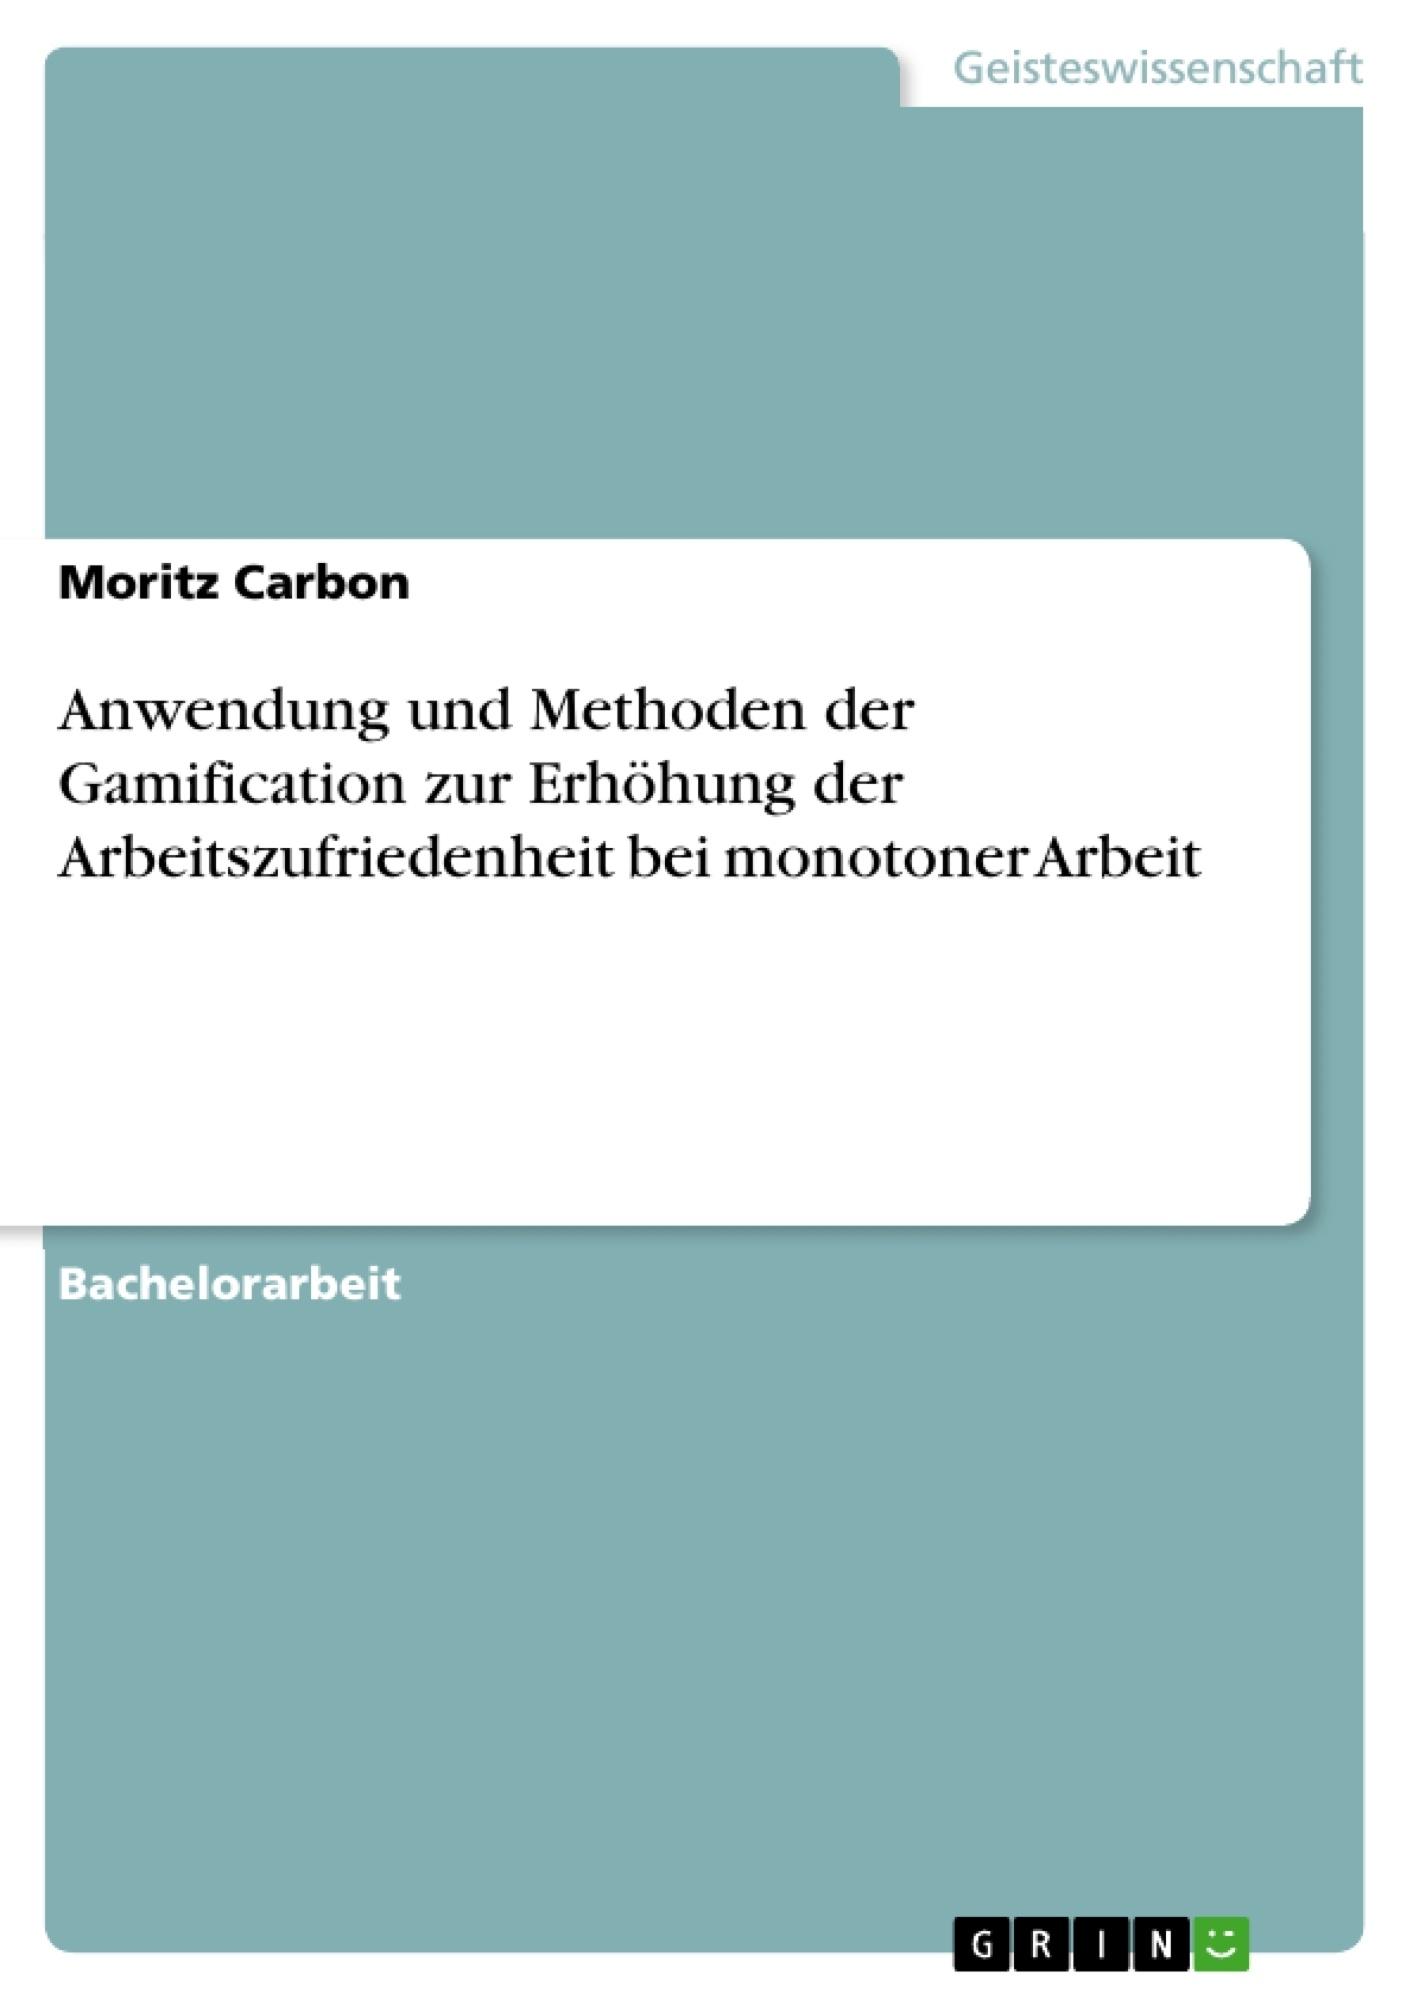 Titel: Anwendung und Methoden der Gamification zur Erhöhung der Arbeitszufriedenheit bei monotoner Arbeit